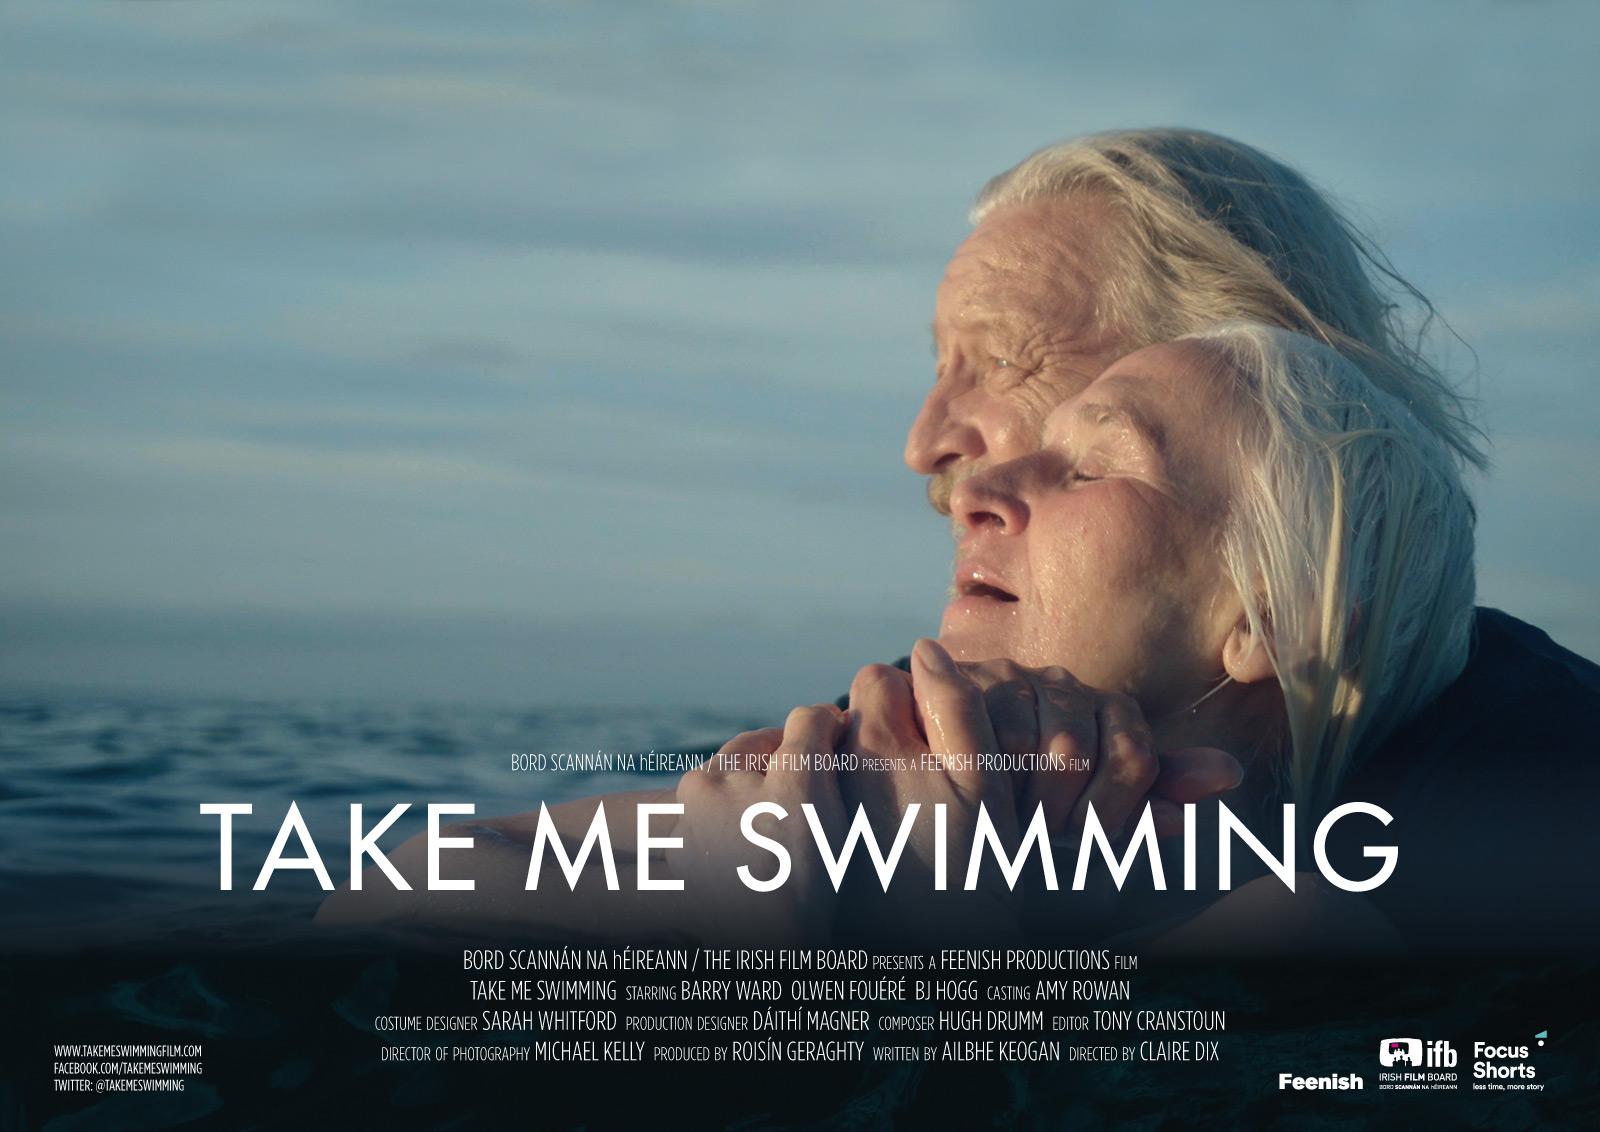 Take me swimming poster